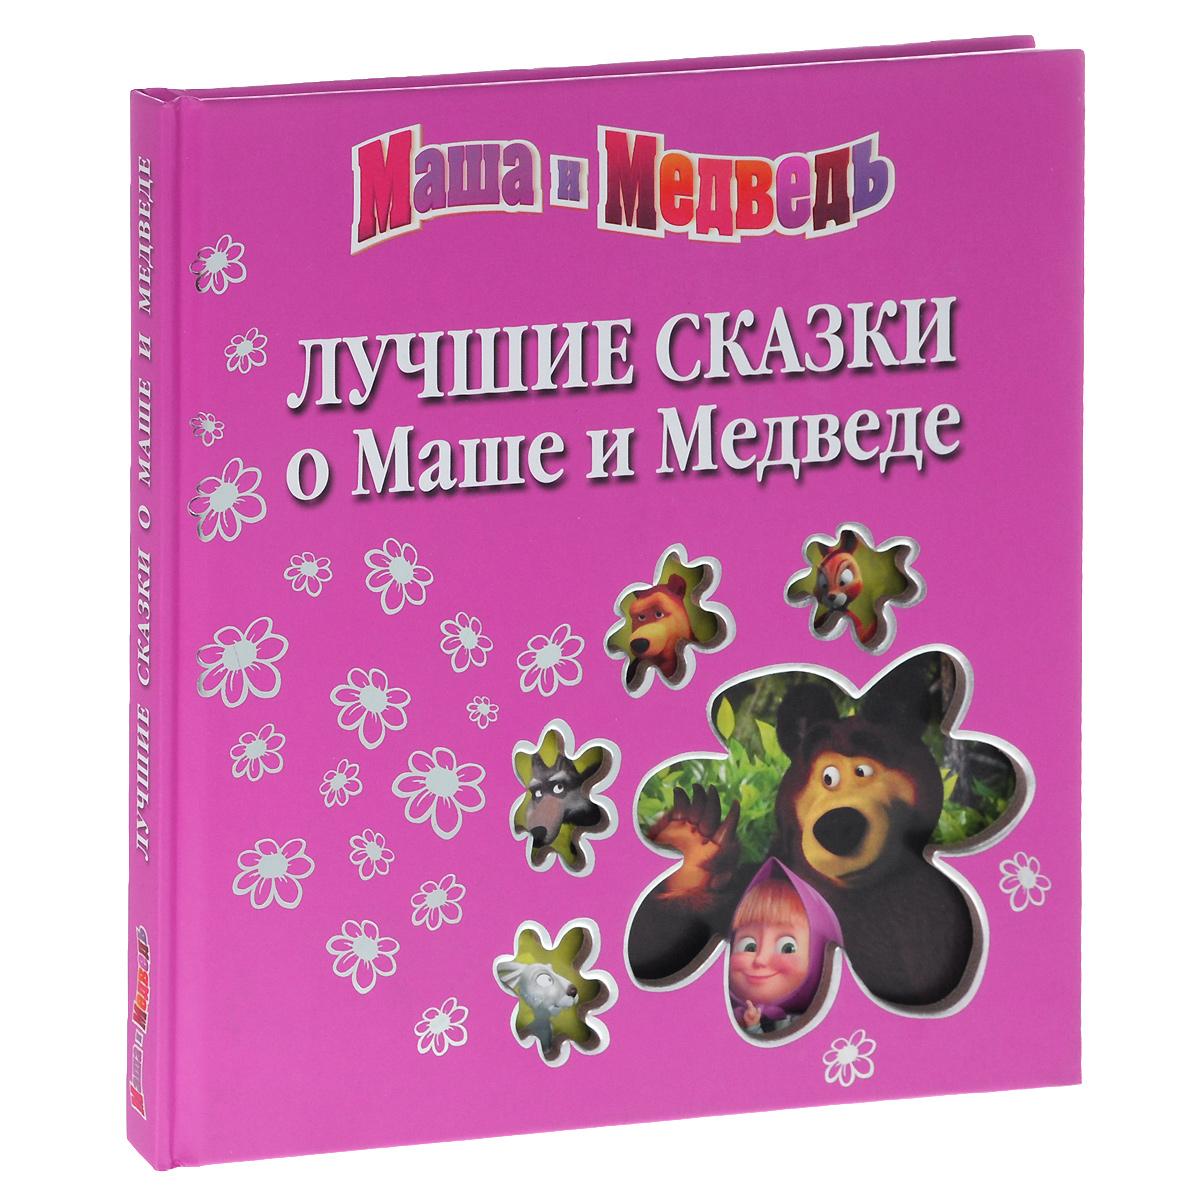 Лучшие сказки о Маше и Медведе